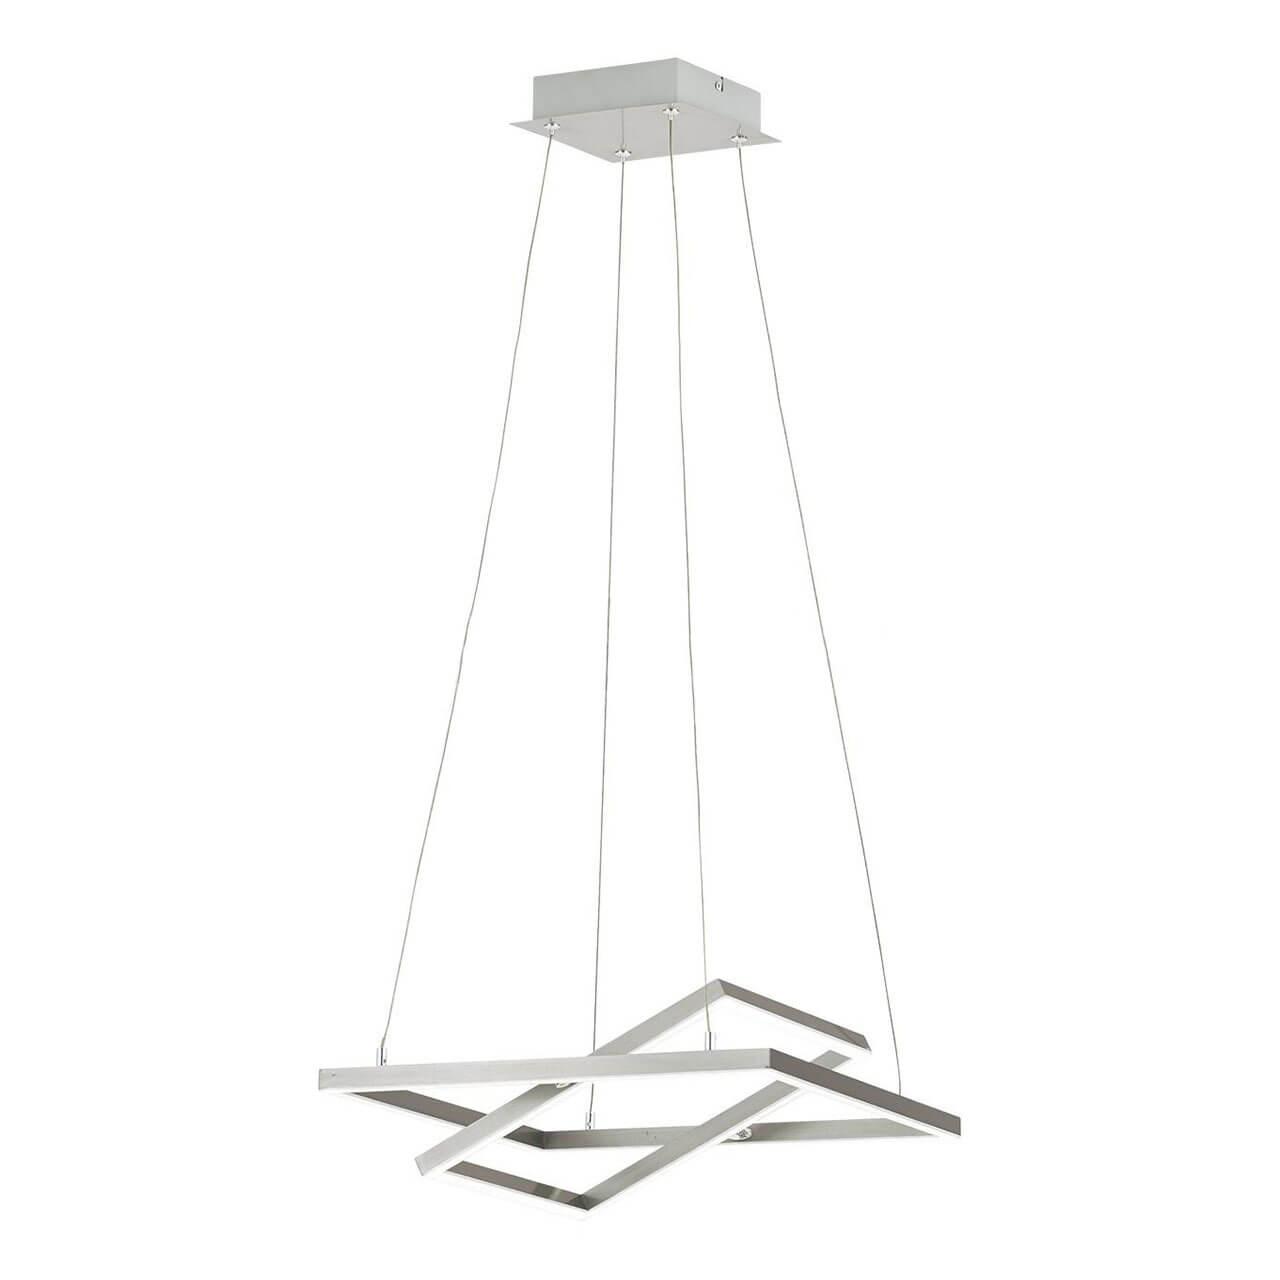 Подвесной светодиодный светильник Eglo Tamasera 96814 подвесной светодиодный светильник eglo tamasera 96816